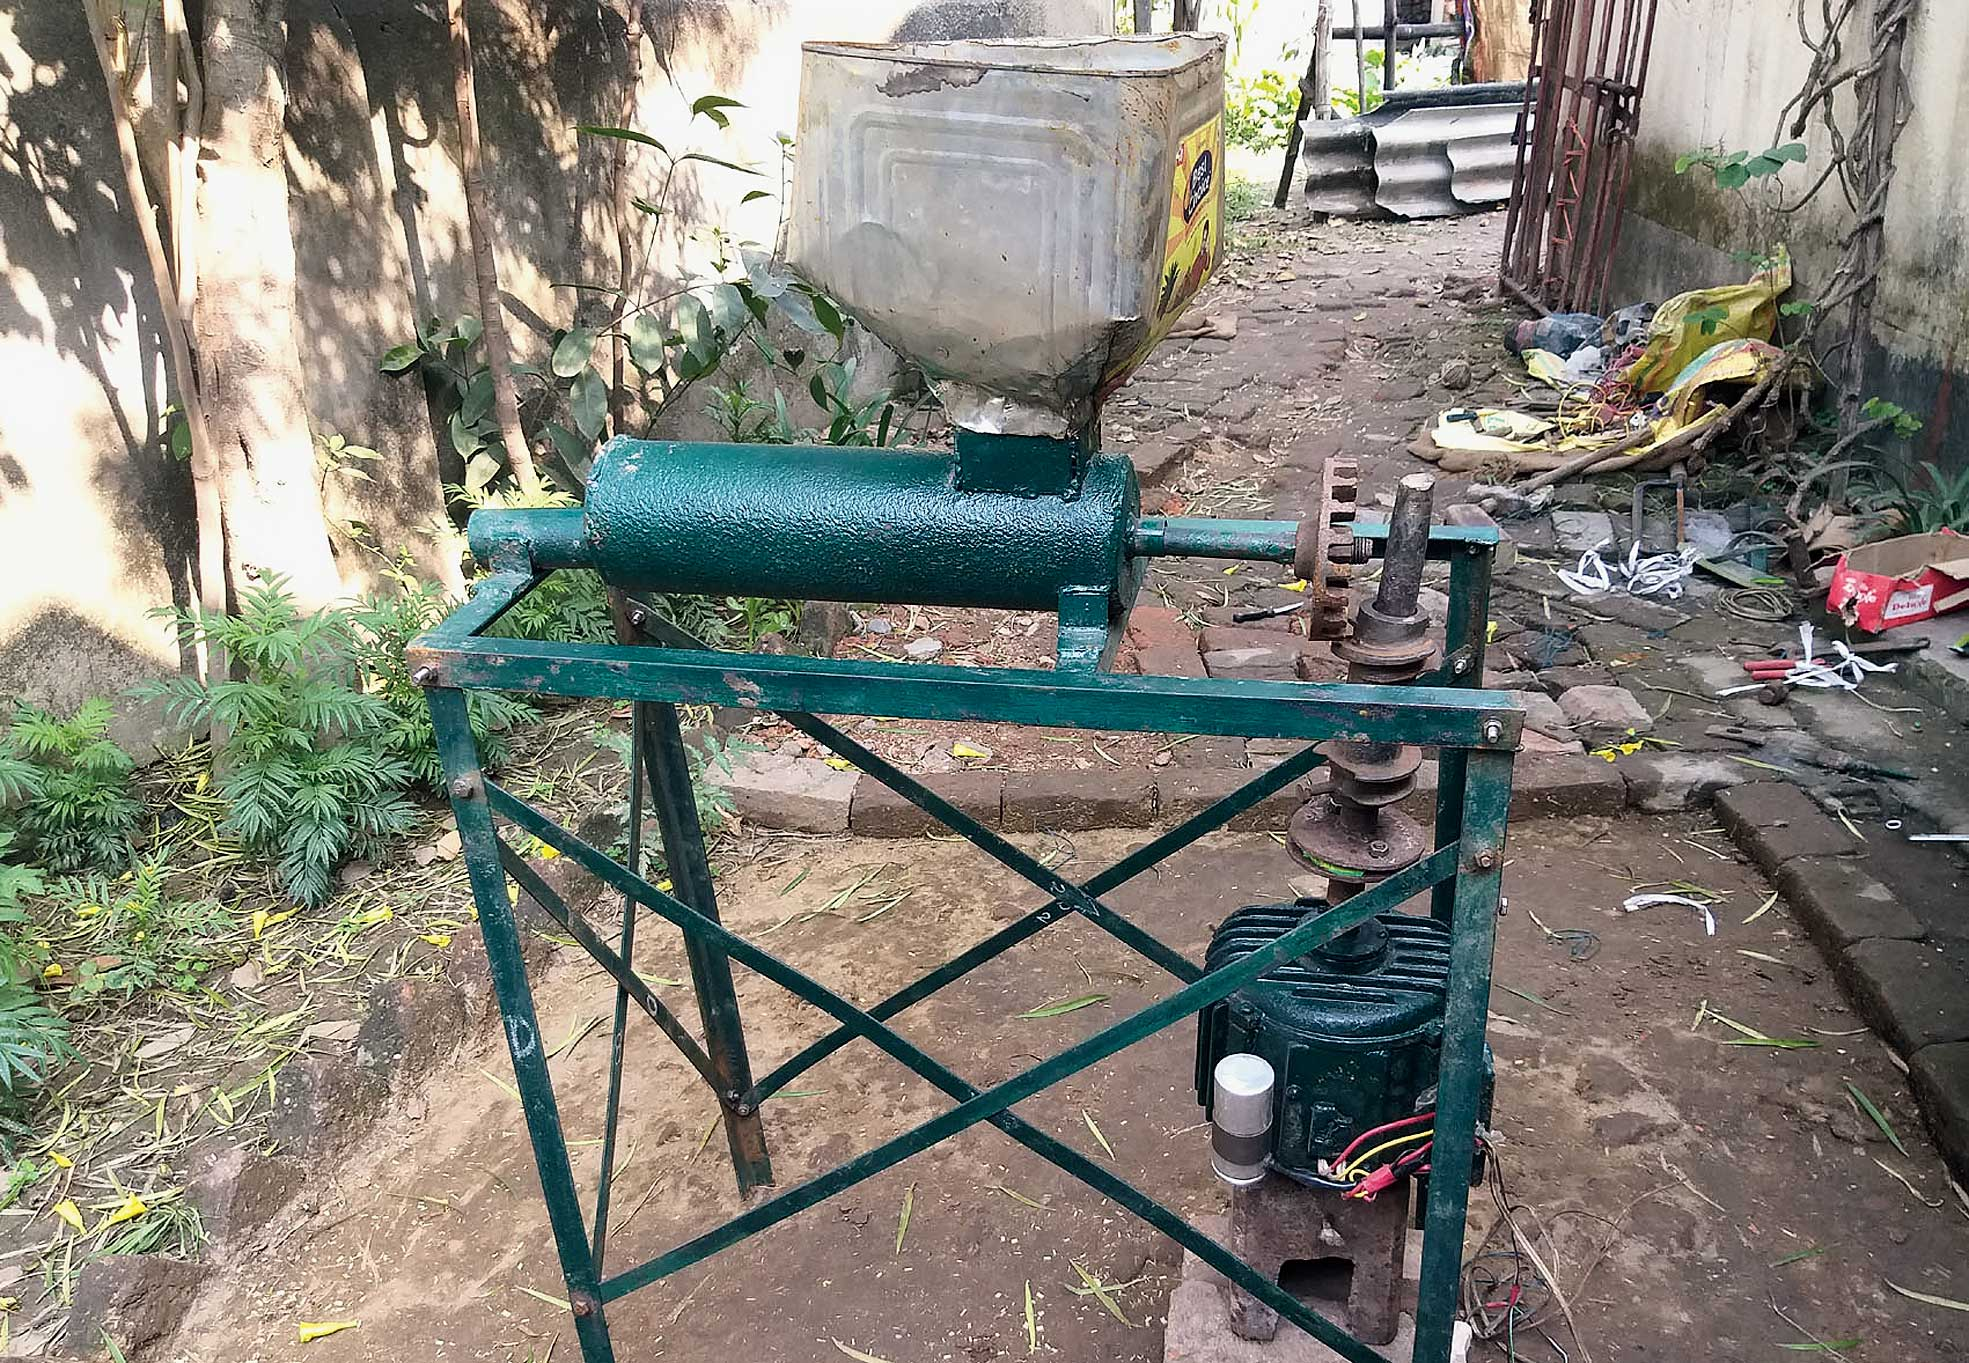 The machine developed by Yashwant Kumar.